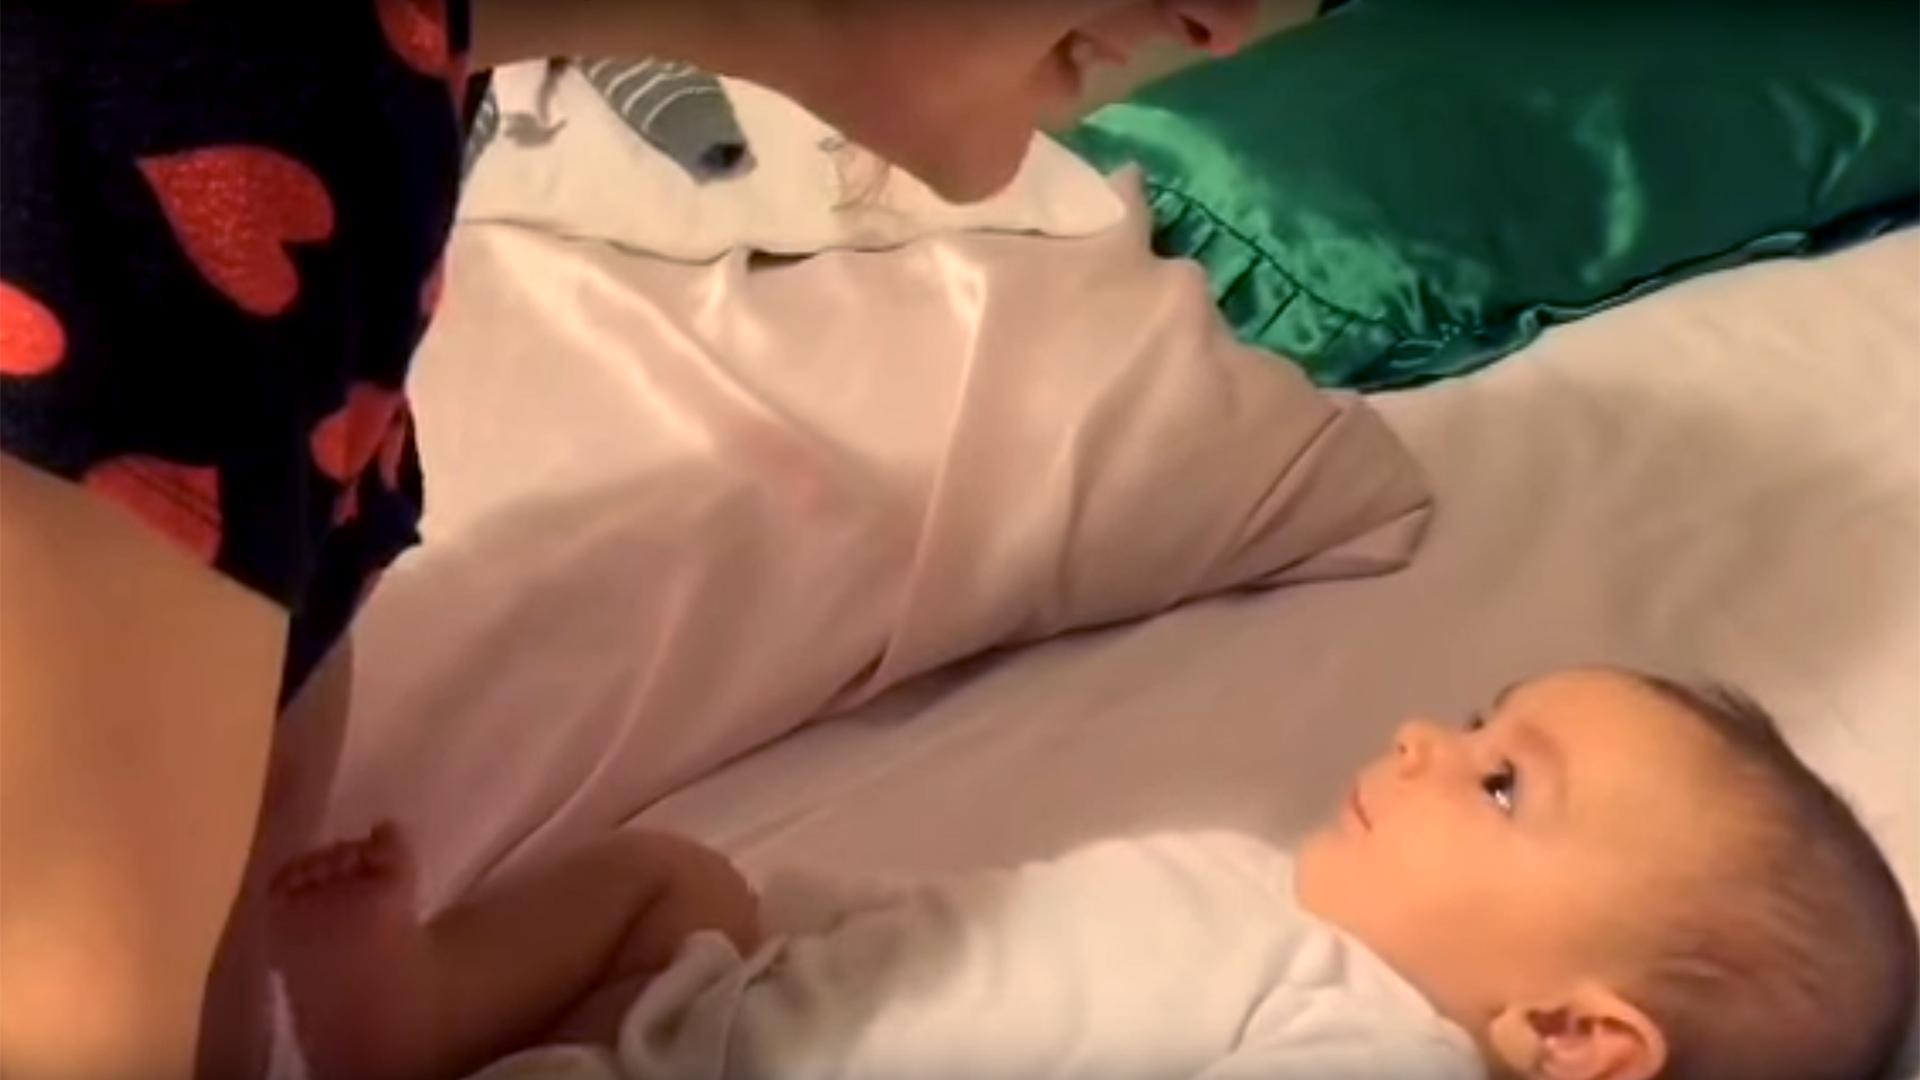 Δείτε αυτό το αξιολάτρευτο μωράκι που είναι μόλις 3 μηνών και λέει ''σ'αγαπώ''